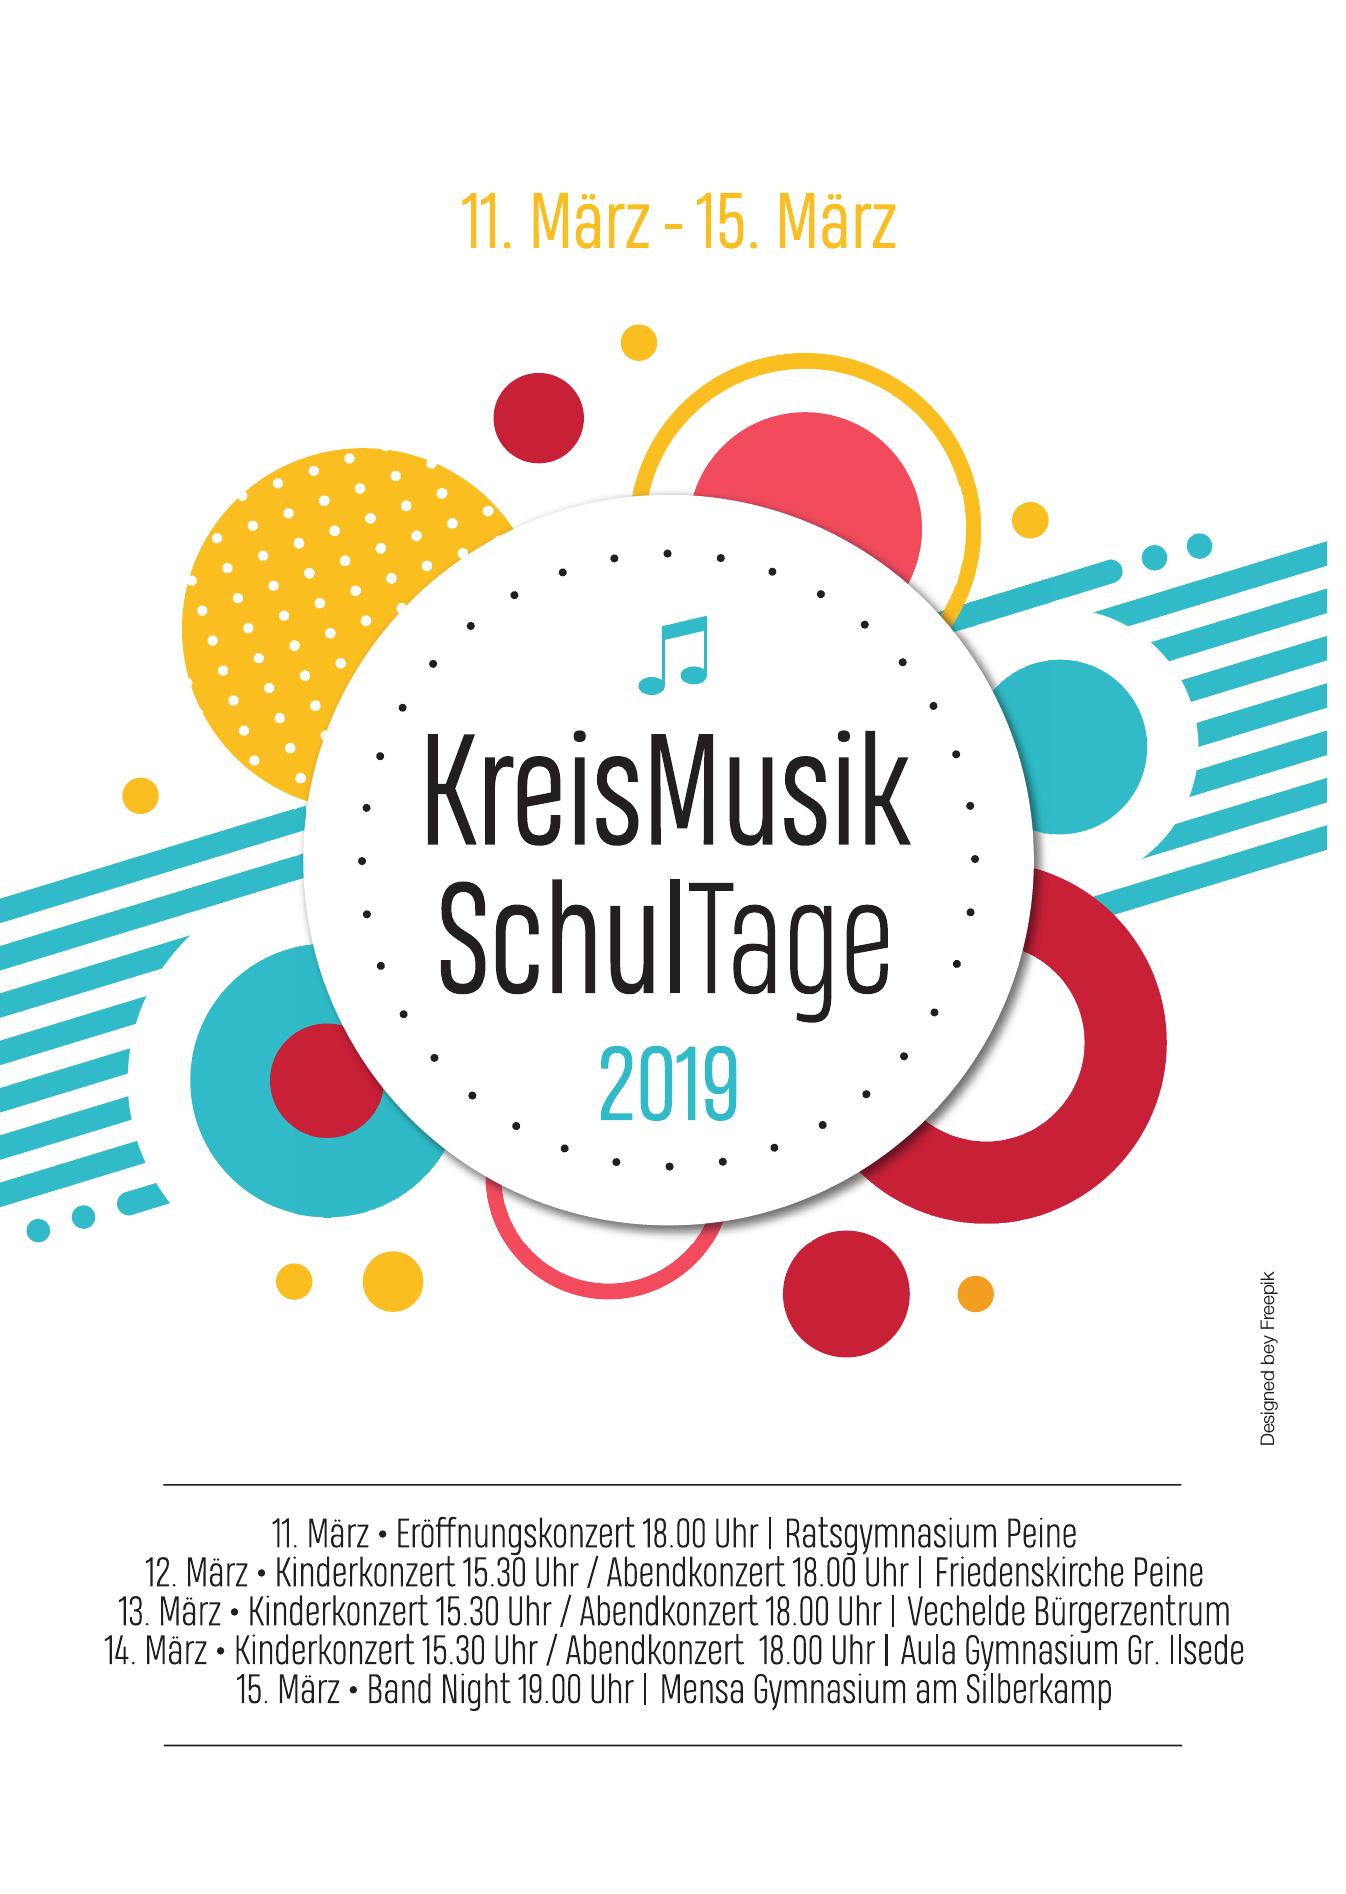 KreisMusik SchulTage 2019